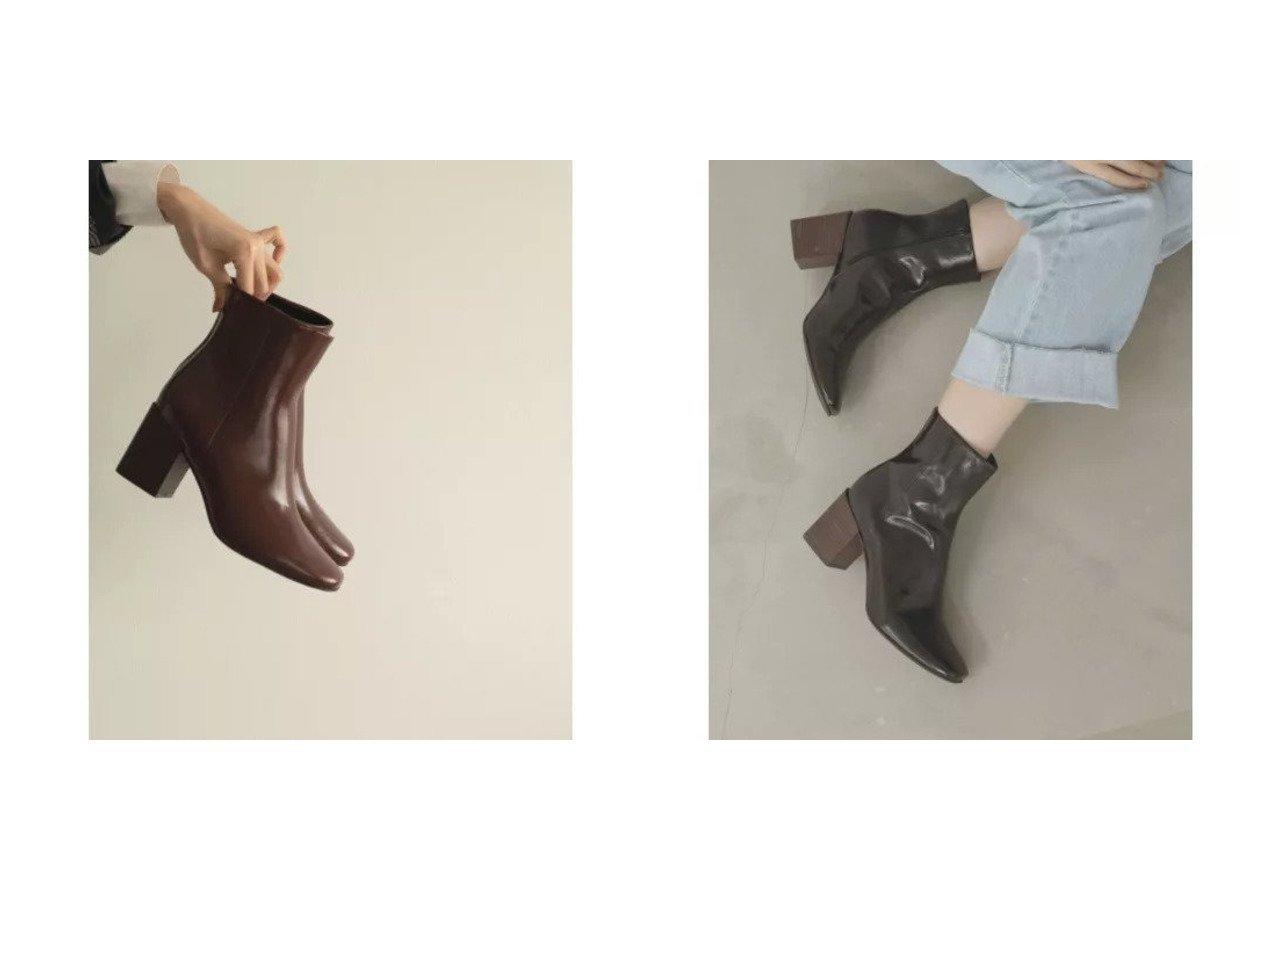 【marjour/マージュール】のECO LEATHER BOOTS おすすめ!人気、トレンド・レディースファッションの通販 おすすめで人気の流行・トレンド、ファッションの通販商品 インテリア・家具・メンズファッション・キッズファッション・レディースファッション・服の通販 founy(ファニー) https://founy.com/ ファッション Fashion レディースファッション WOMEN シューズ ショート ジップ デニム フェイクレザー ベーシック ミドル リアル ワイド おすすめ Recommend |ID:crp329100000072377